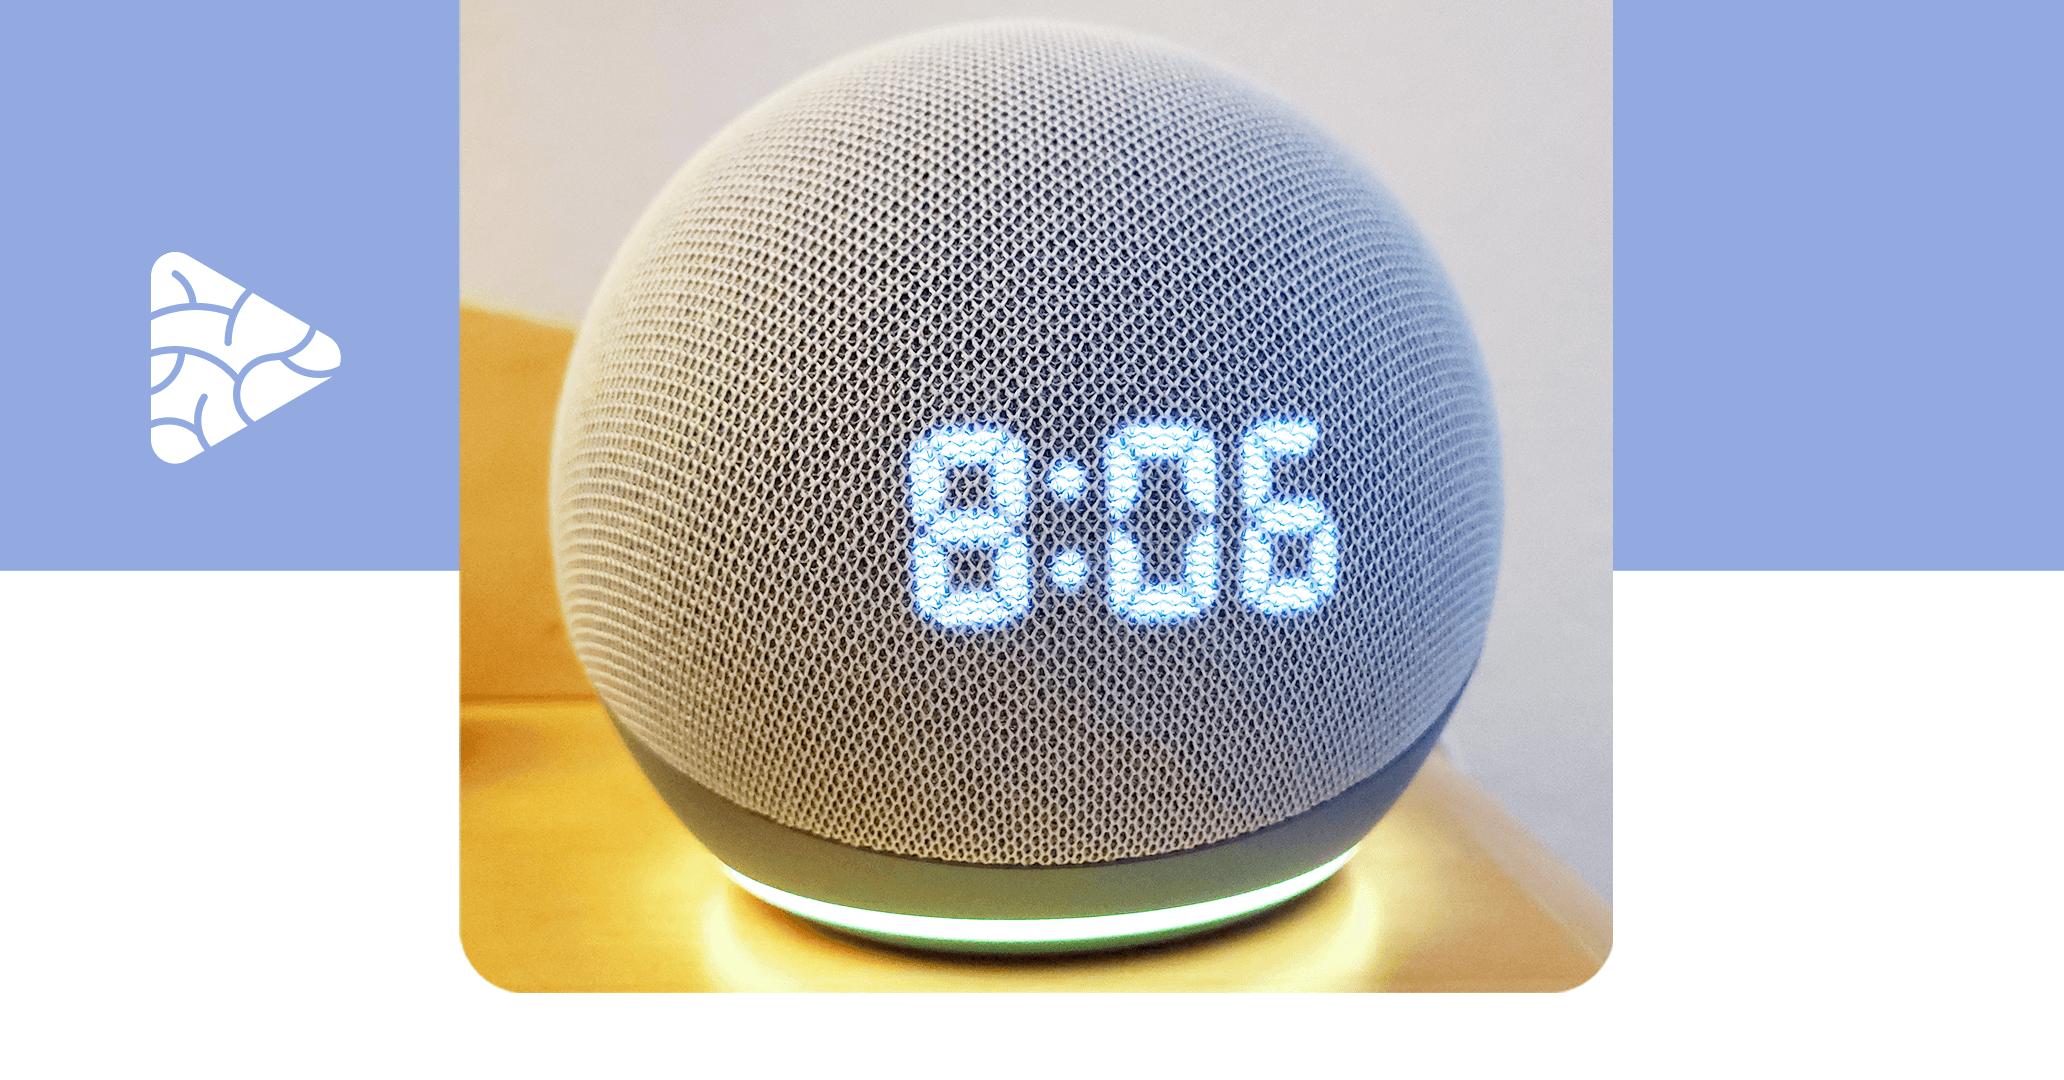 Foto de um dispositivo auto falante inteligente, conhecido como Alexa, representando a internet das coisas.